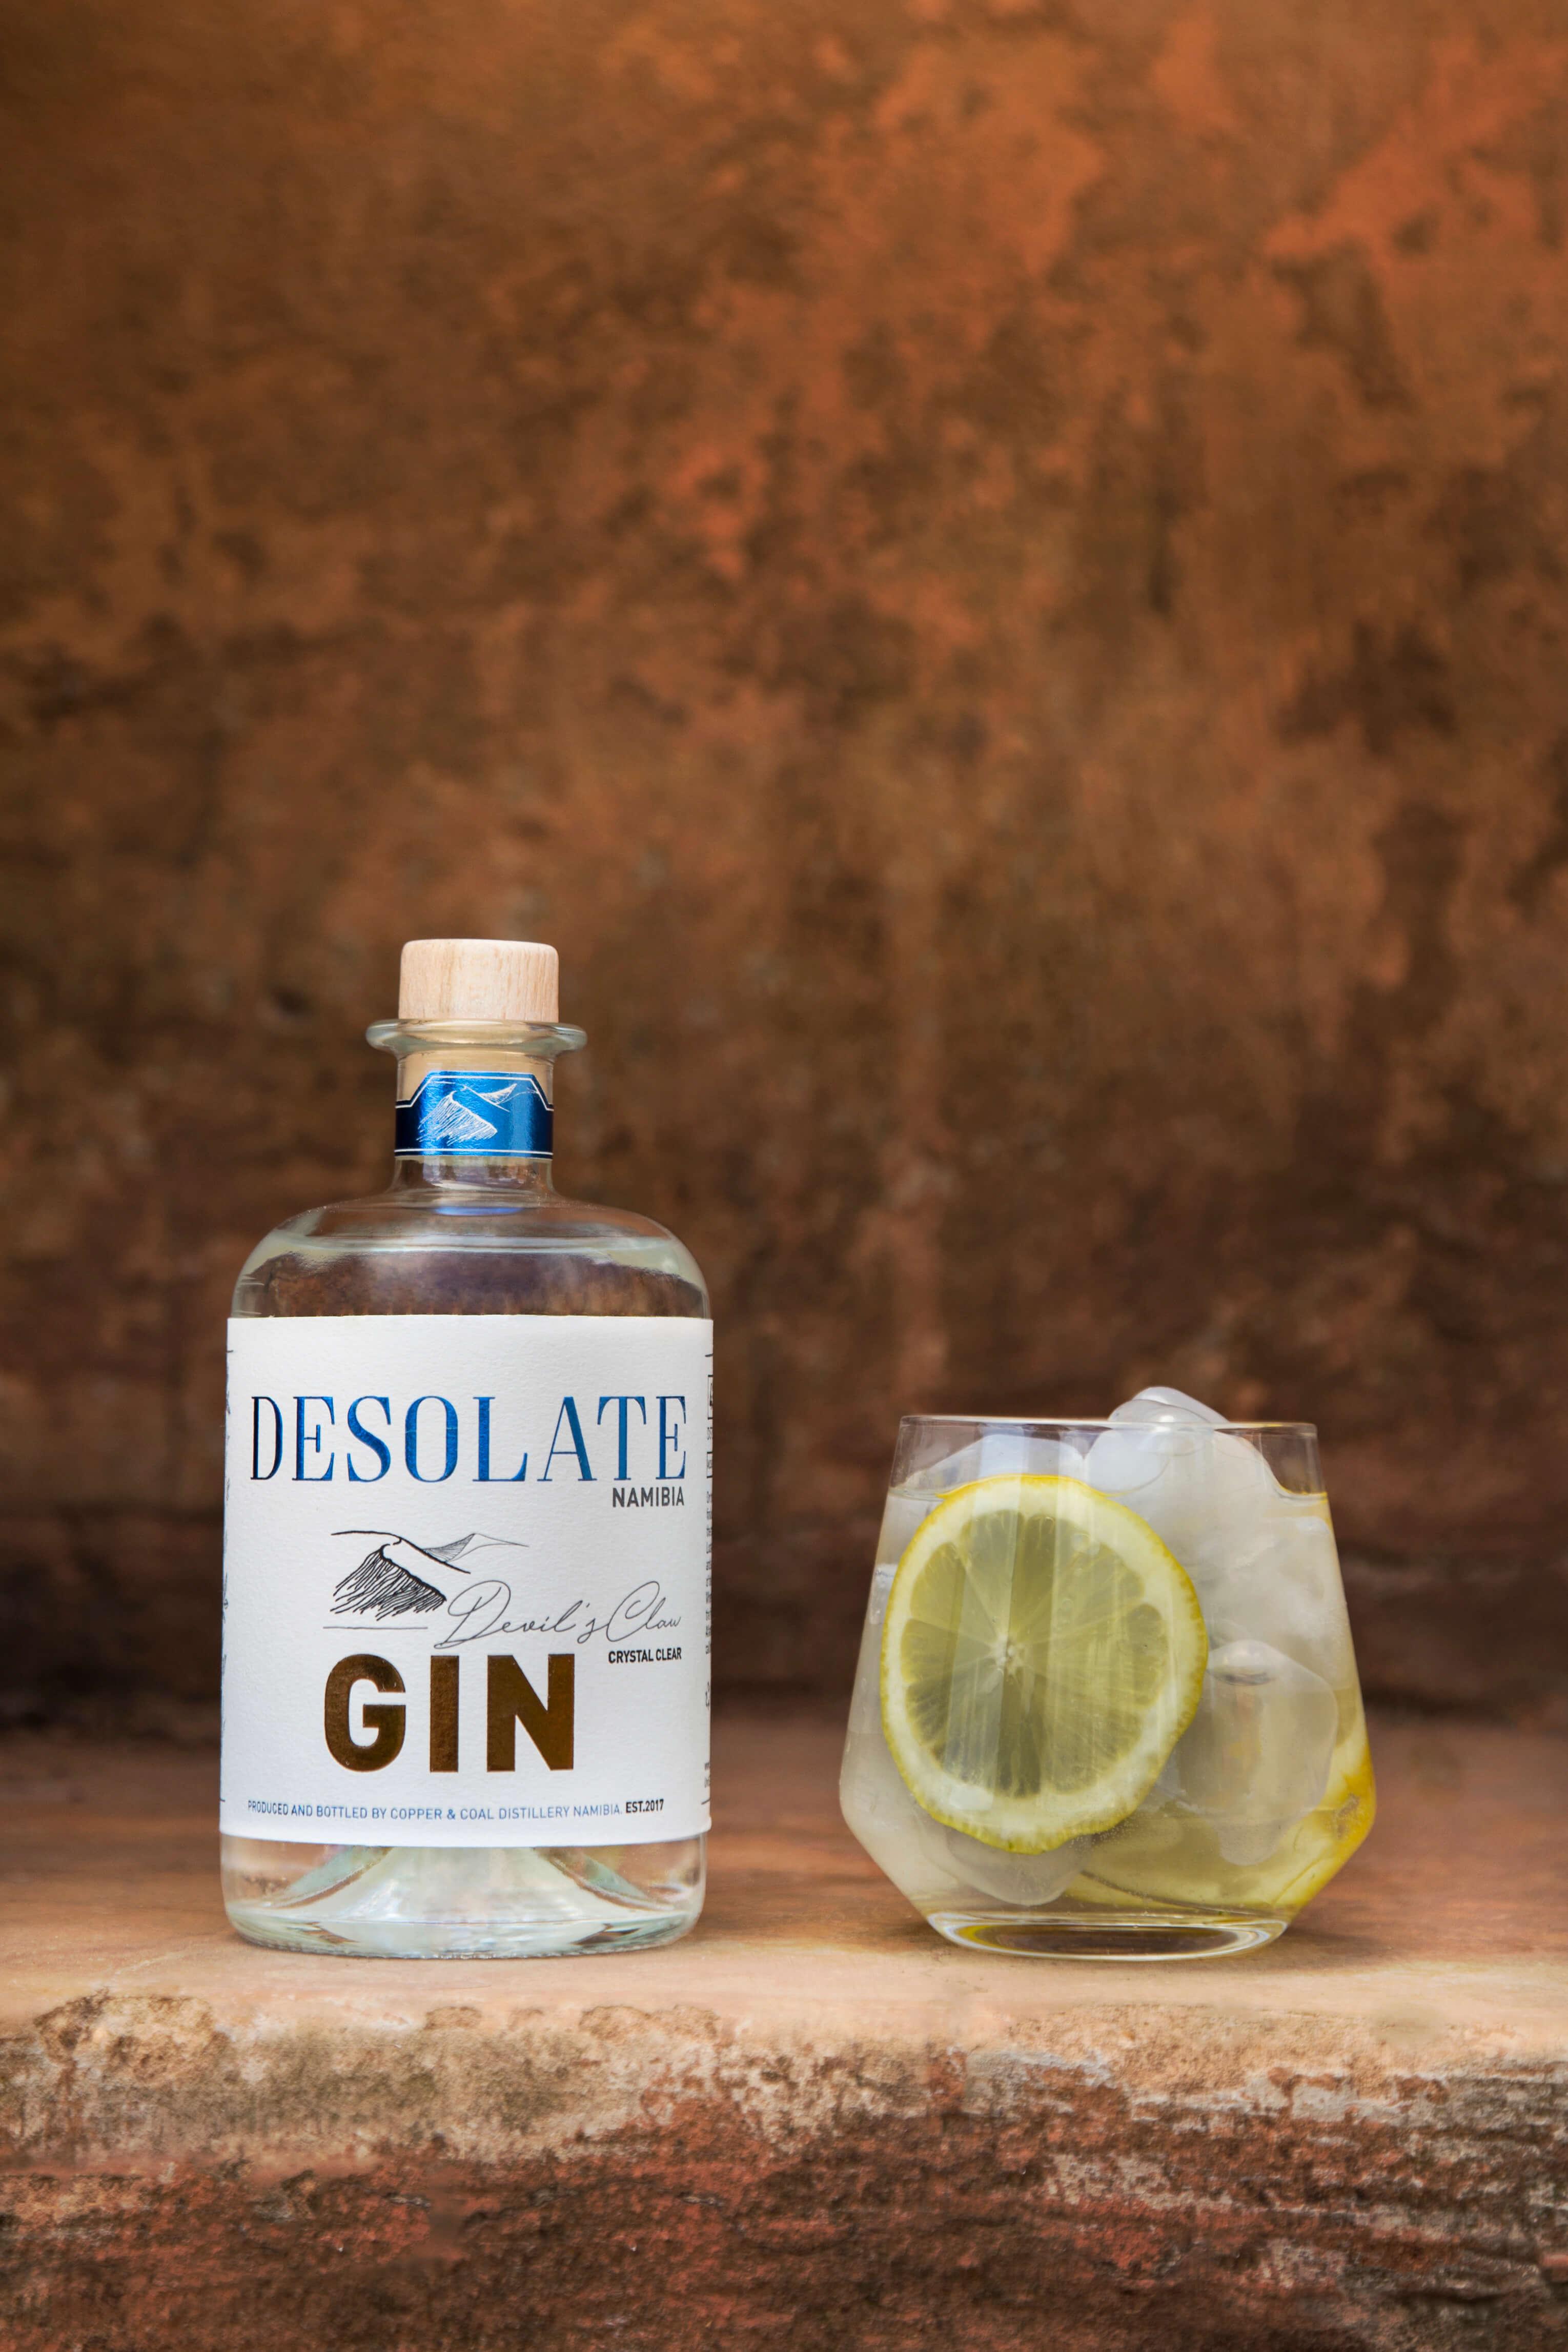 desolate gin - walvis bay